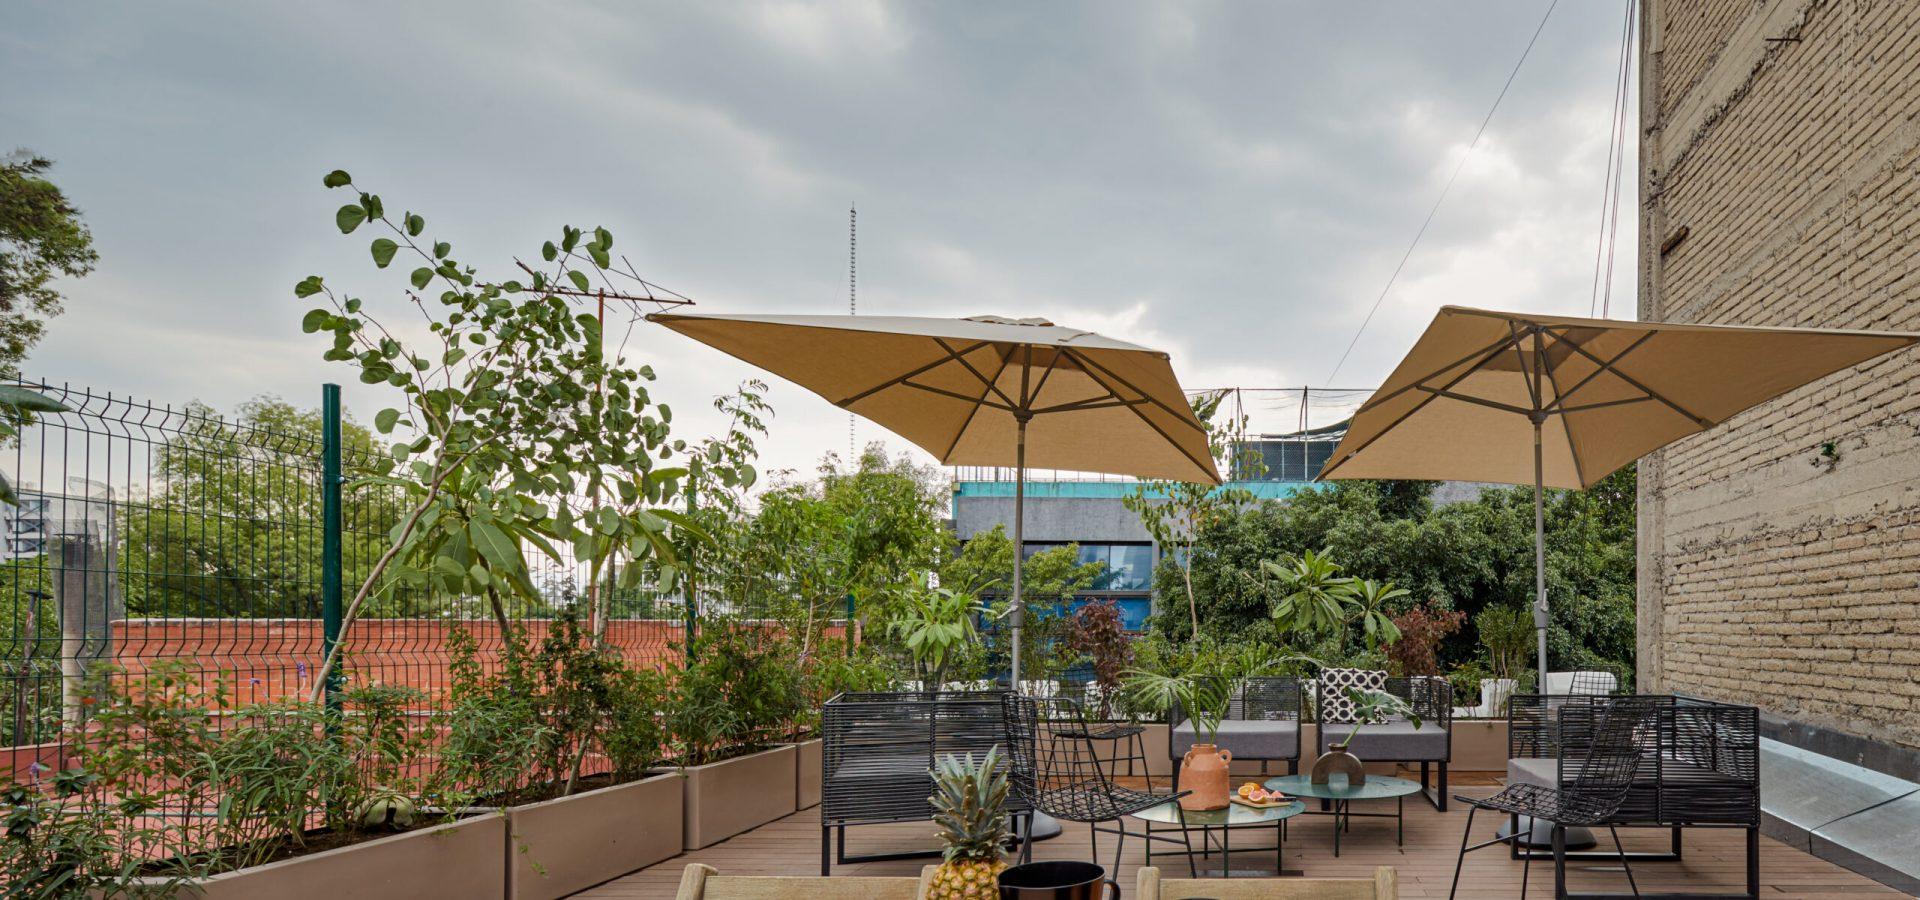 Renta_Cuarto_Roof_Garden_Roma_Norte_RioJaneiro